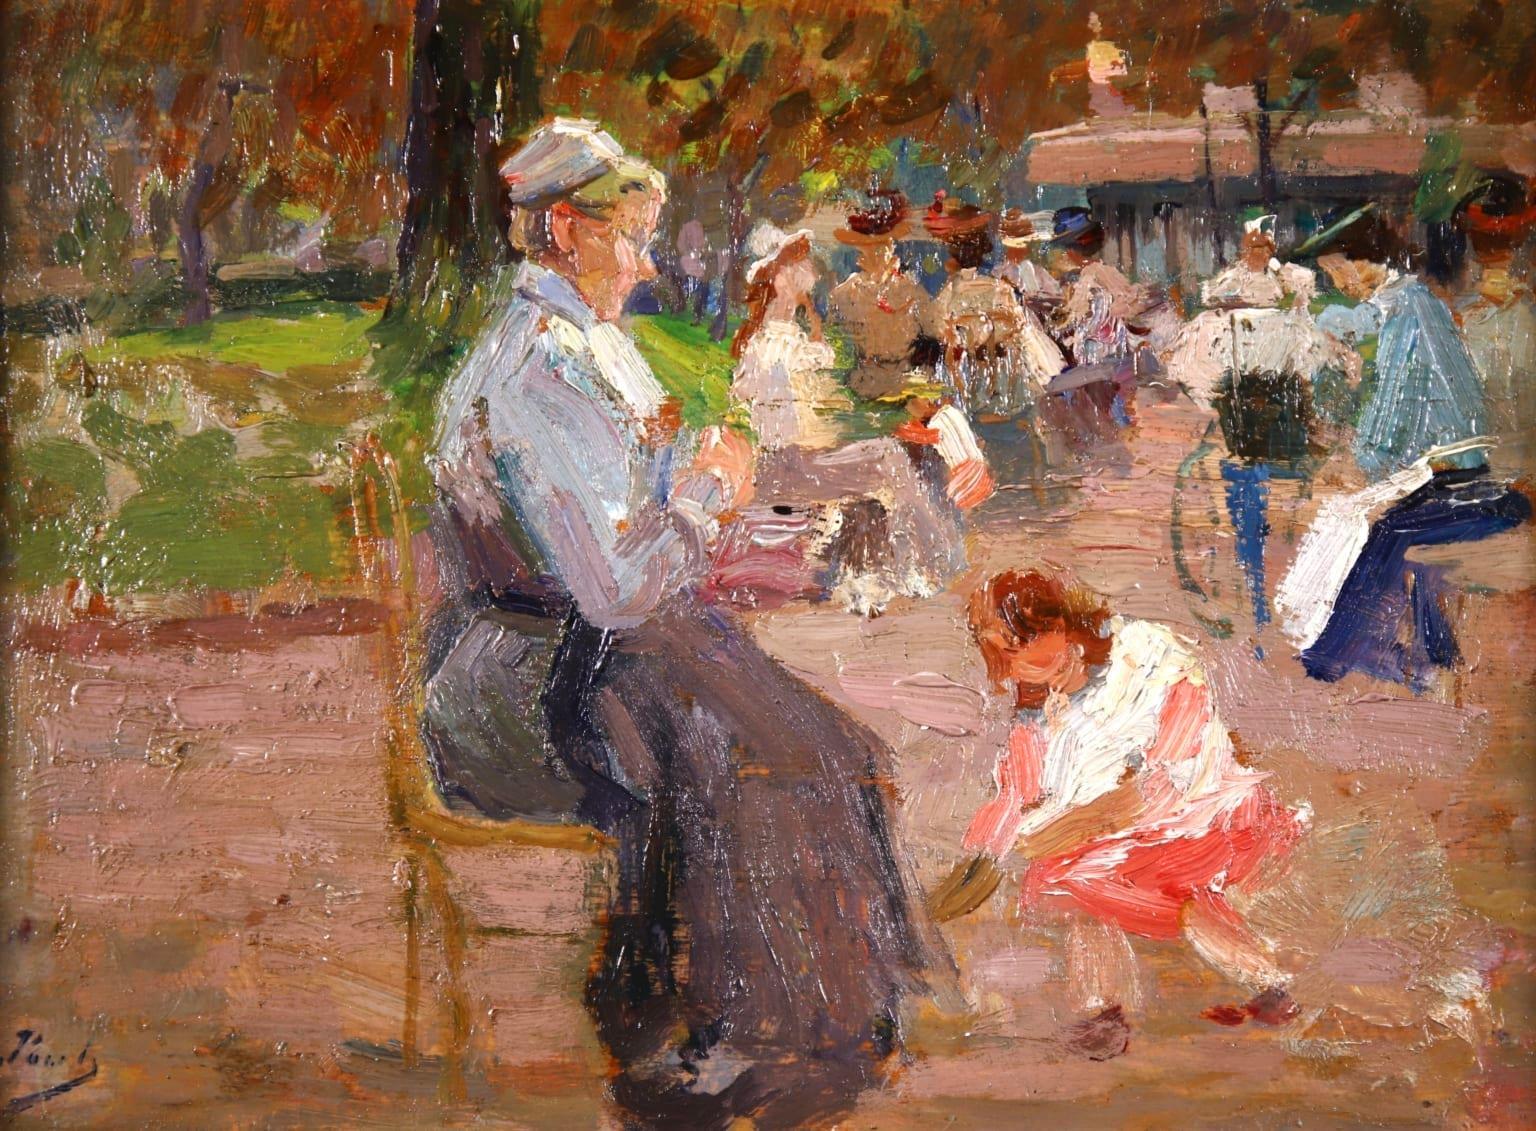 Elegant dans un parc - Post-Impressionist Oil, Figures by Elie Anatole Pavil